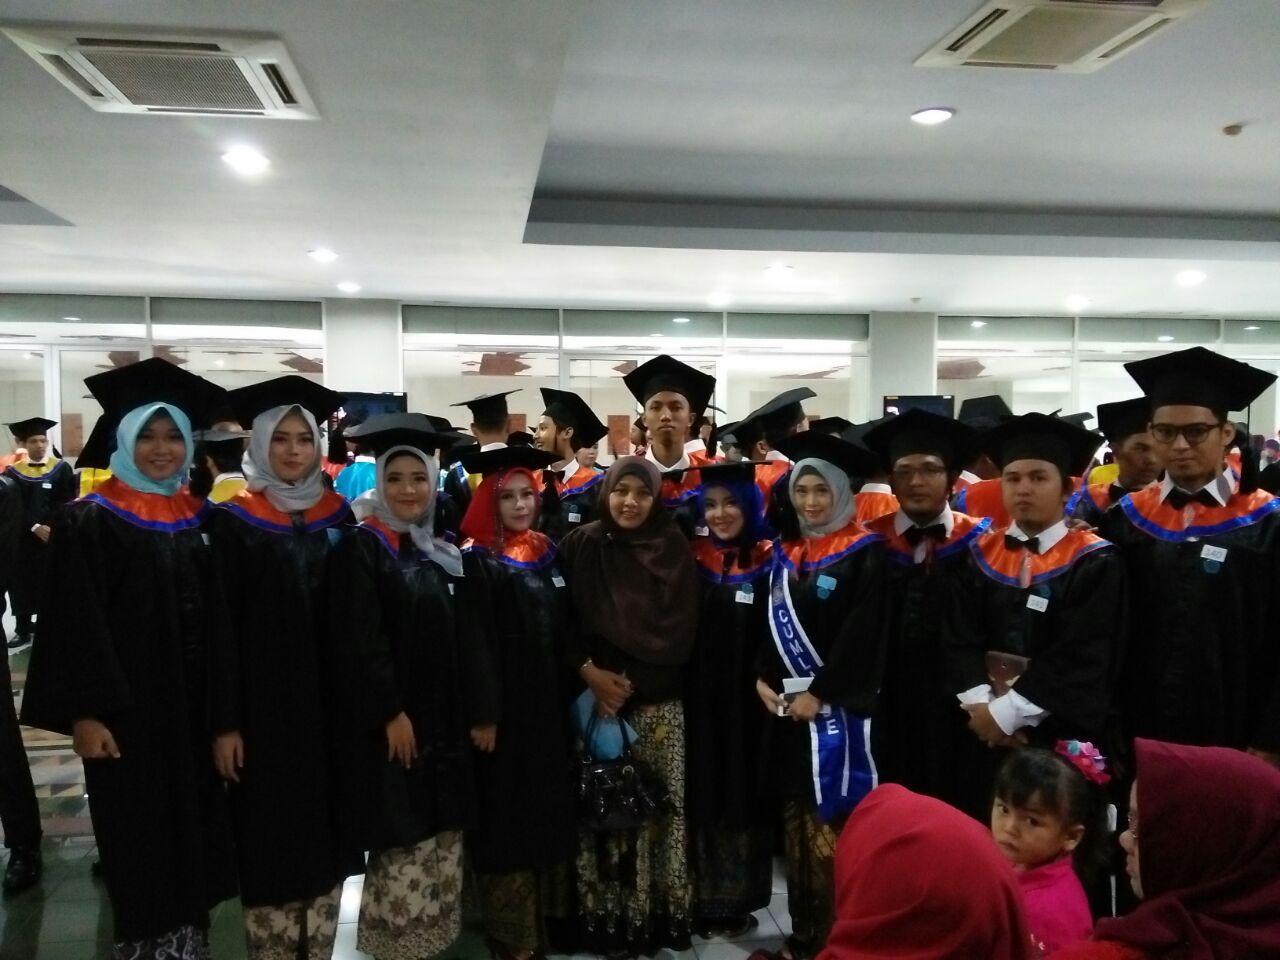 Wisuda Jurusan Teknik Informatika, Fakultas Industri Periode II Tahun Akademik 2017/2018